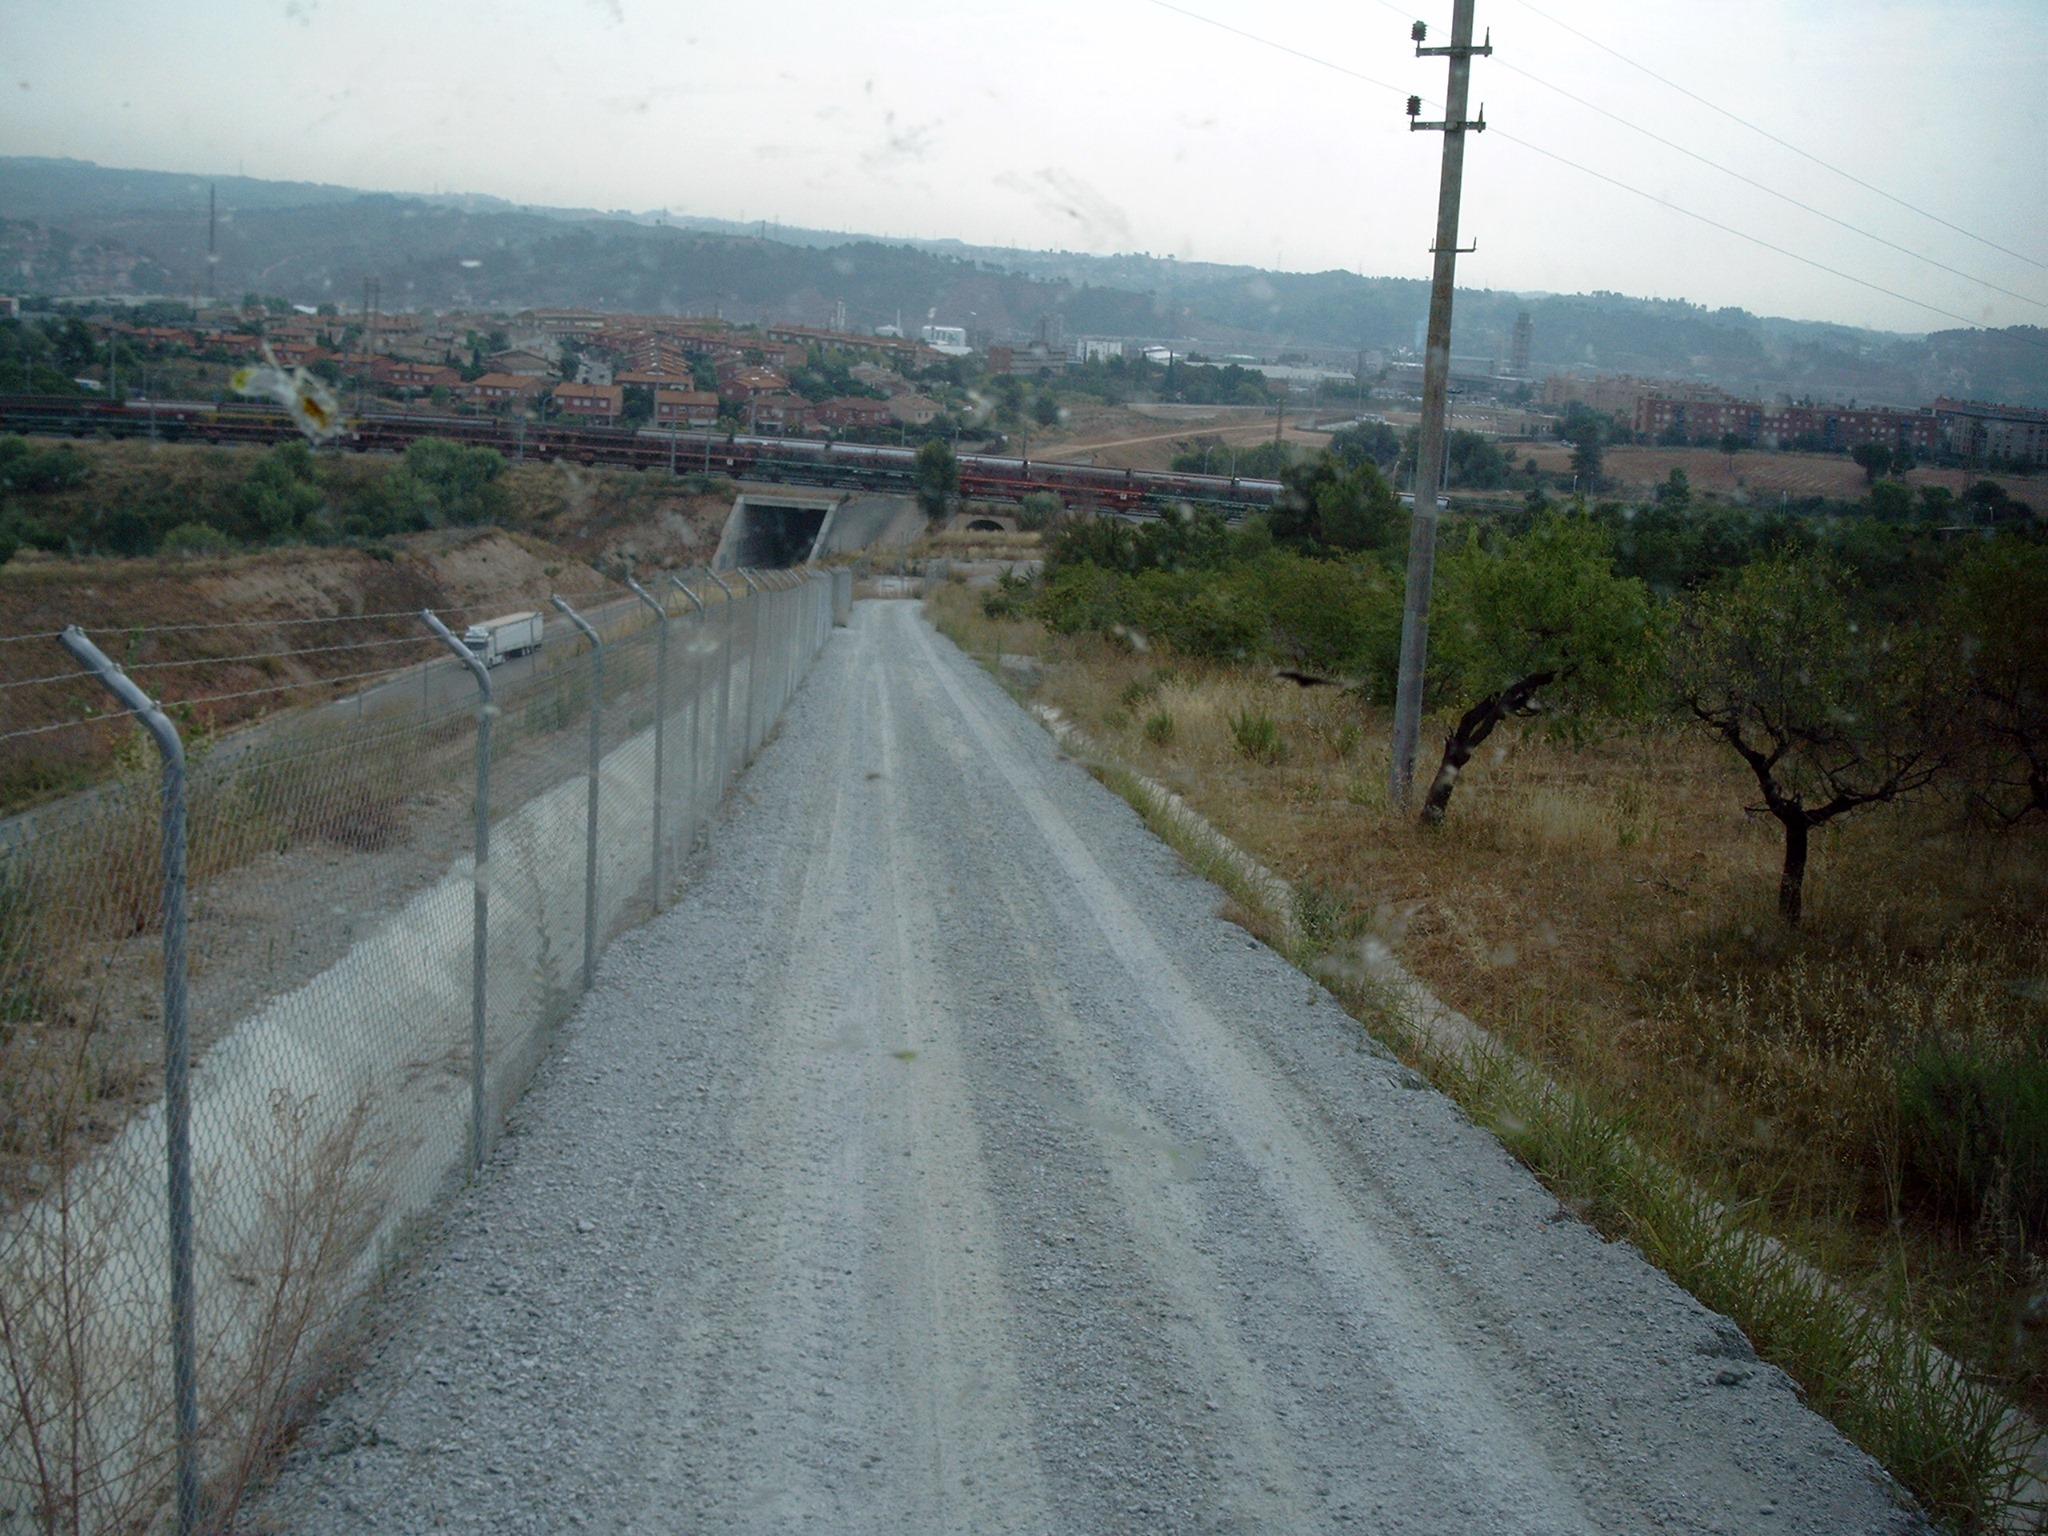 Zufahrt-zum-Tunnelneubau--Anliefern-von-Eisenbahnschwellen-(7)